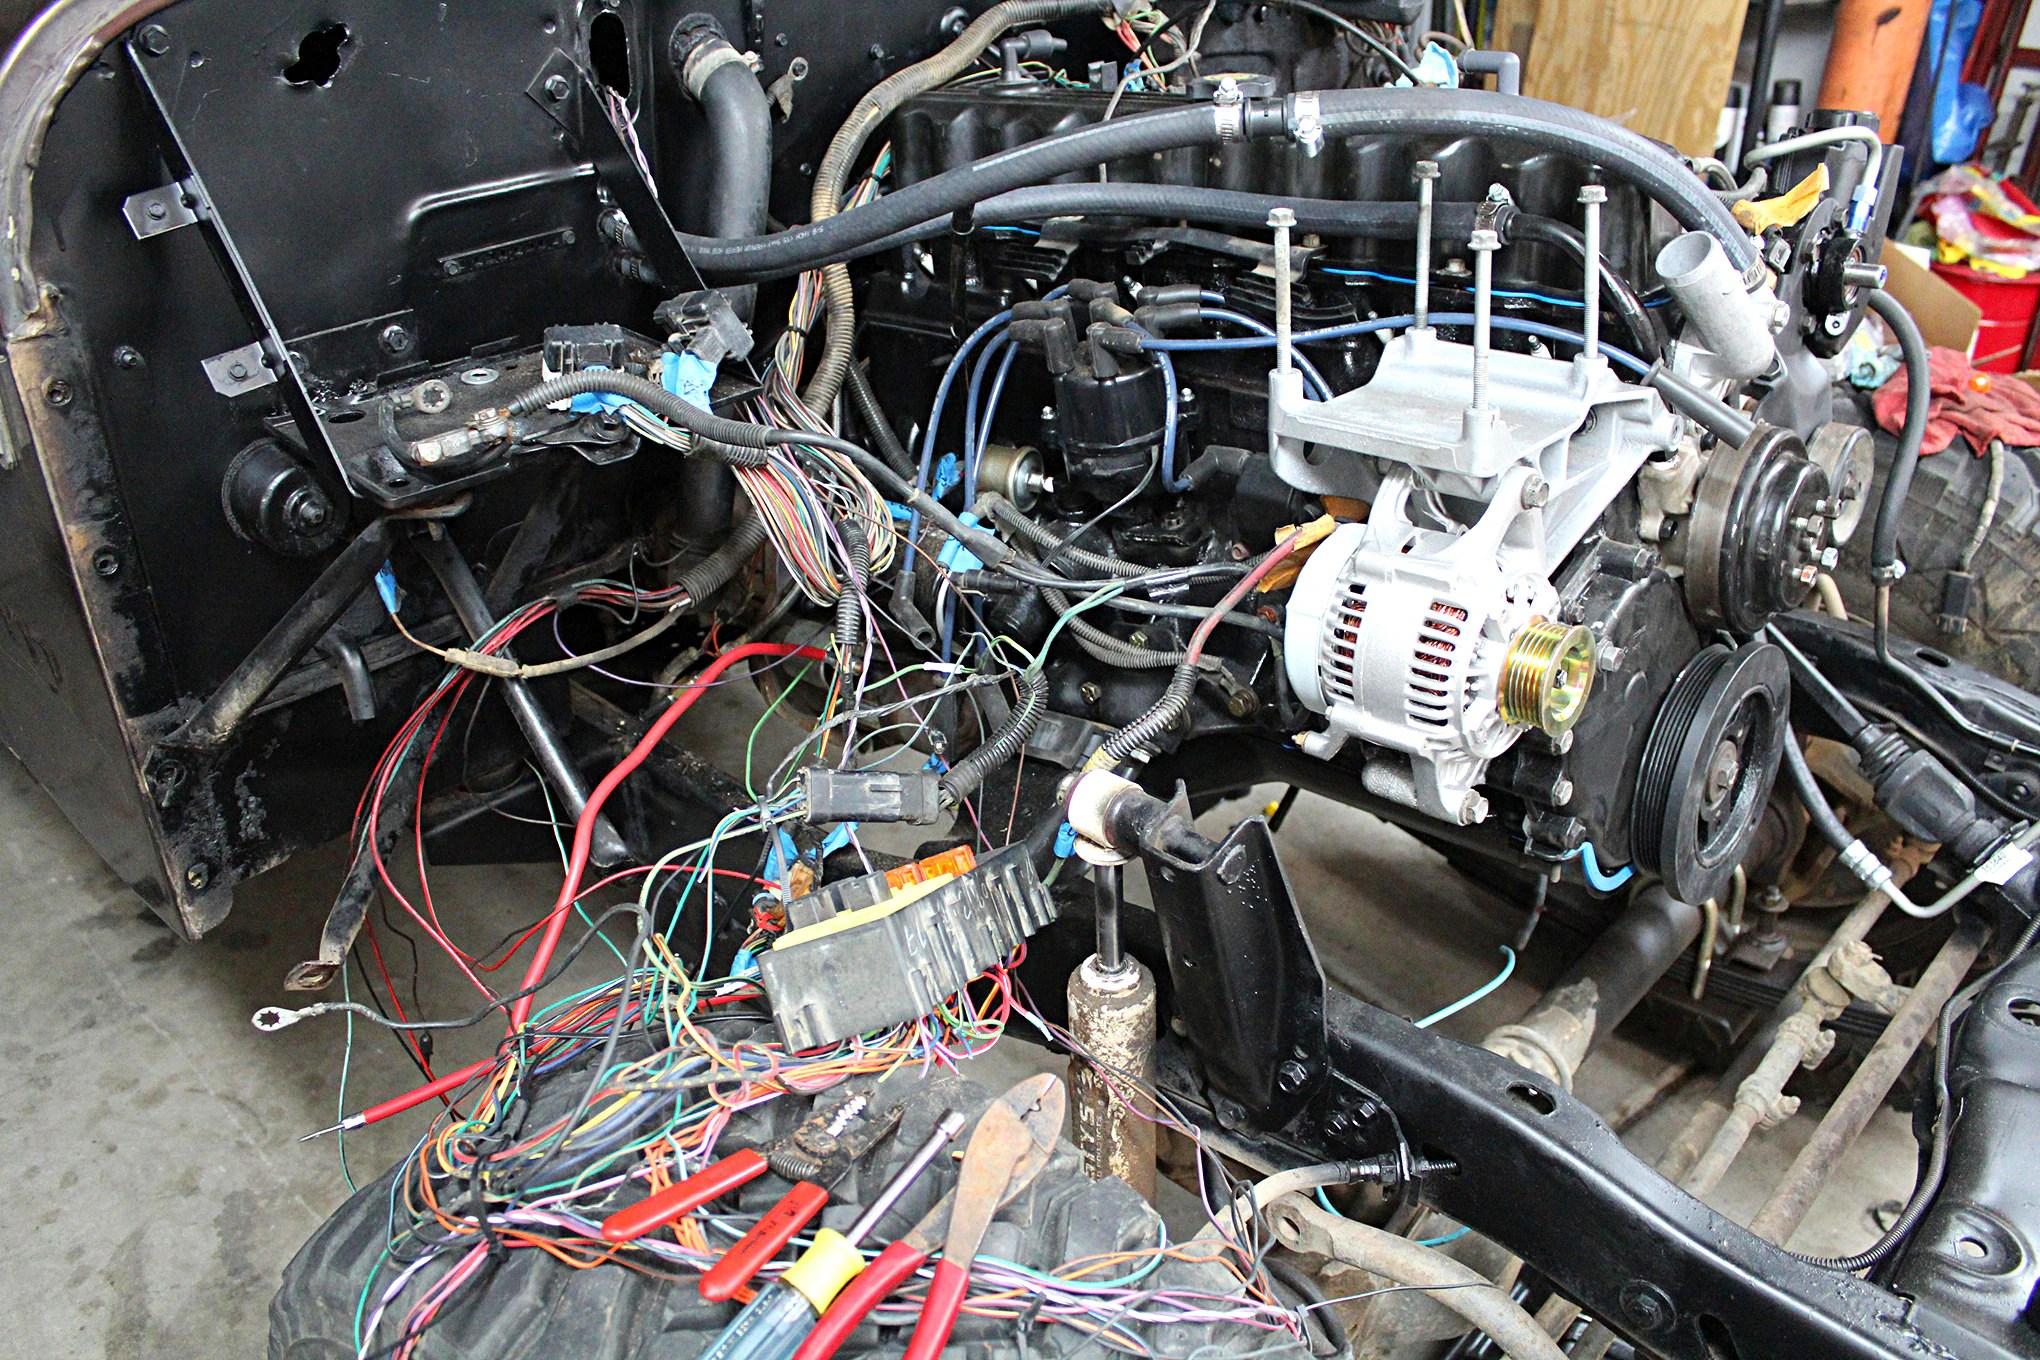 jeep cj 401 wiring swap schema diagram database jeep cj 401 wiring swap [ 2040 x 1360 Pixel ]